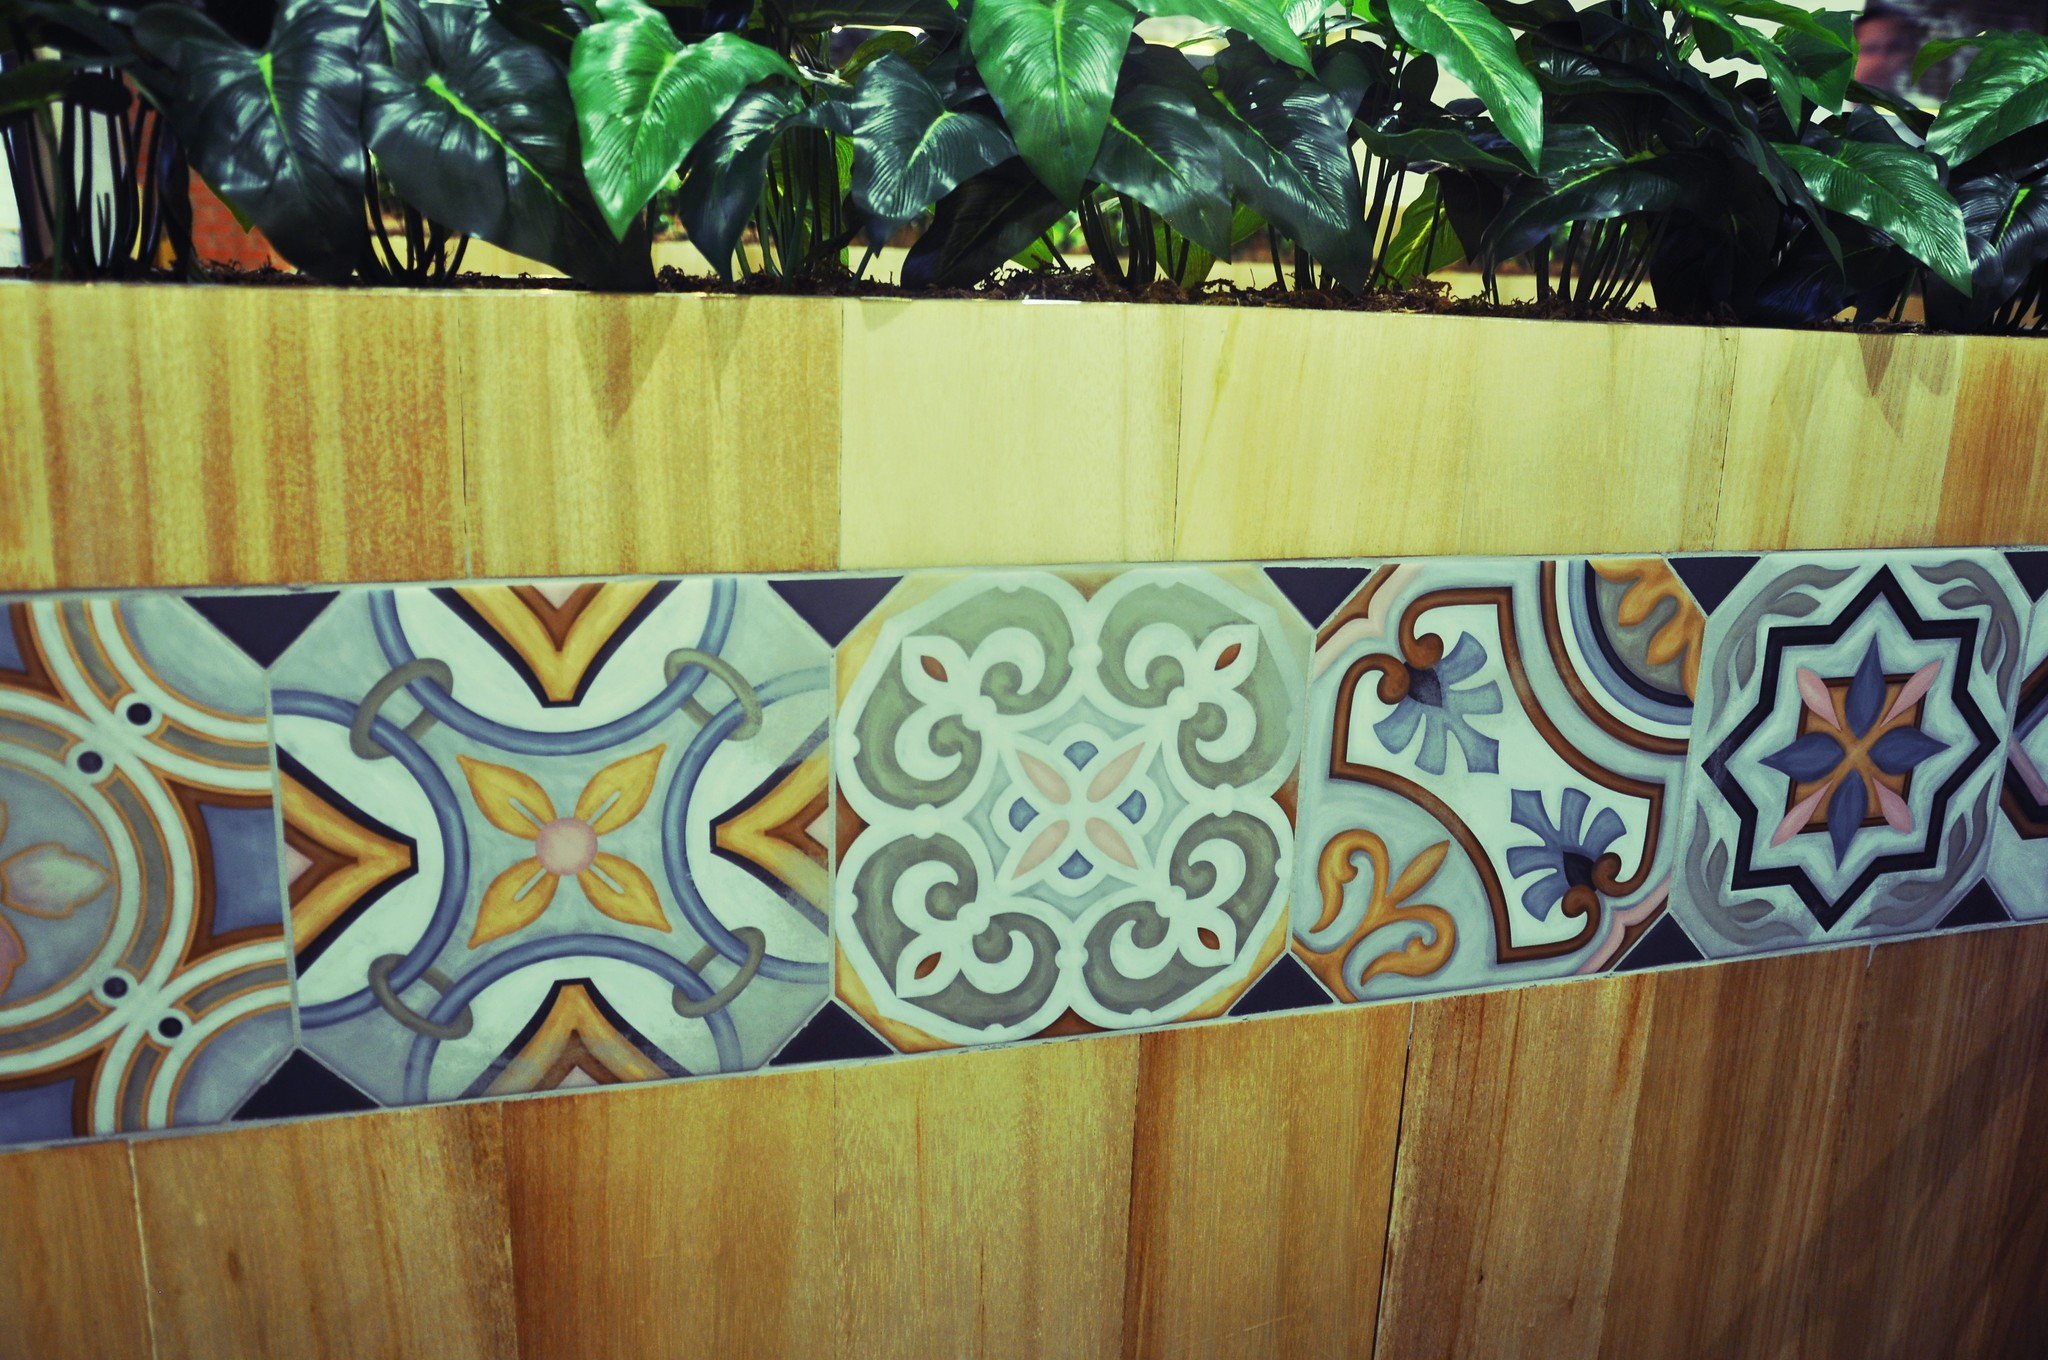 Tiled plant holder